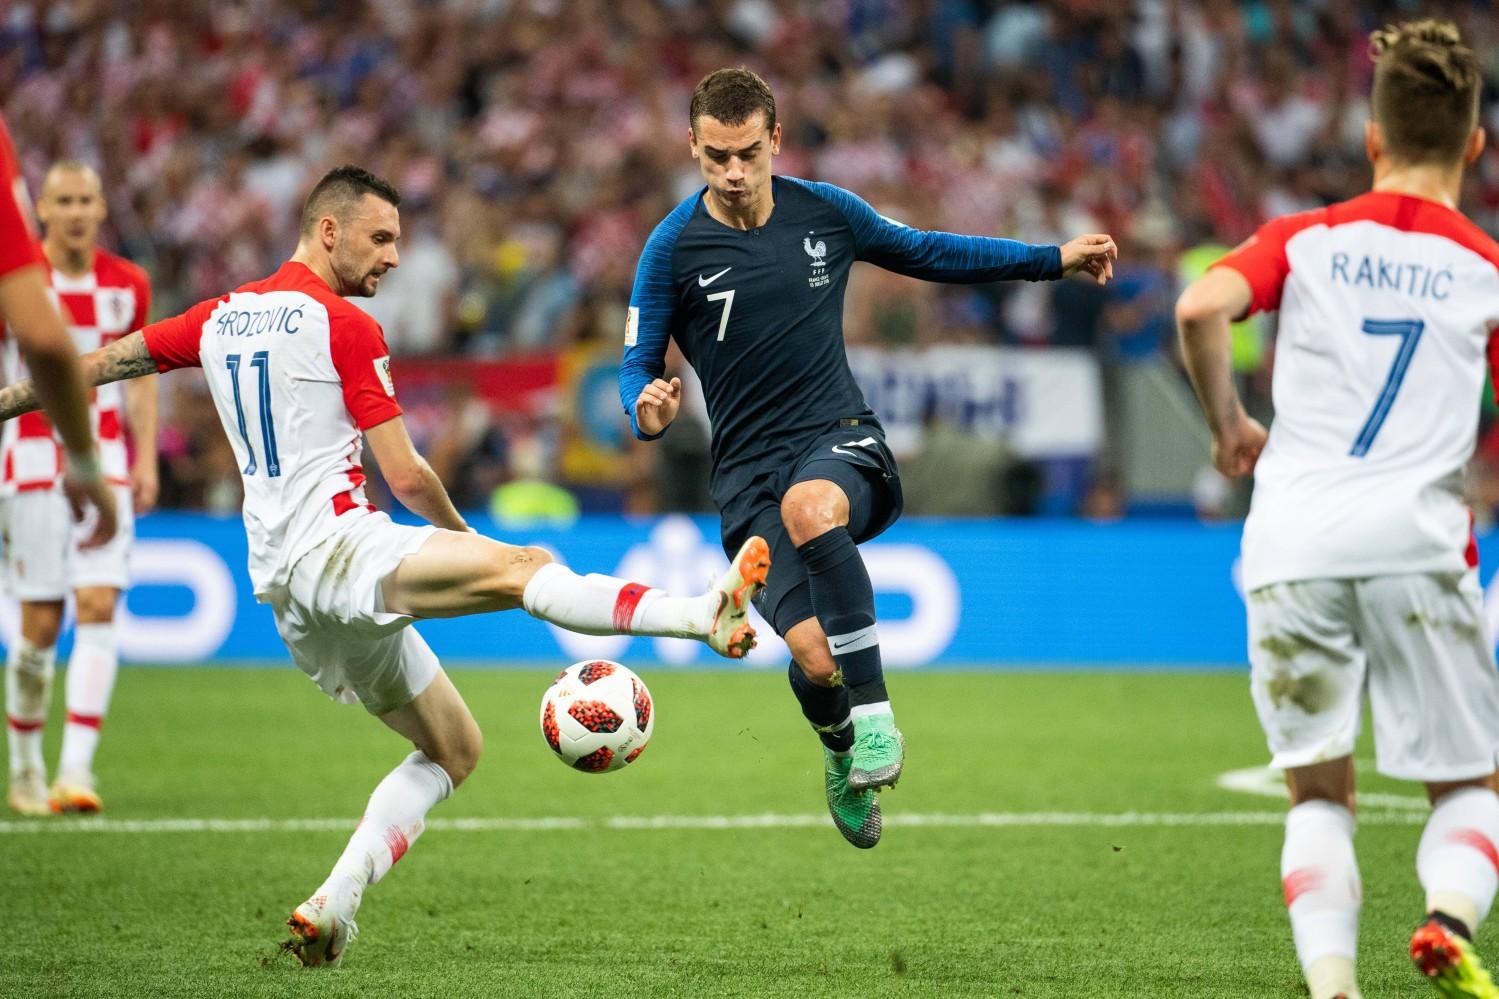 Чемпионат Мира по футболу 2018 - Страница 24 121020